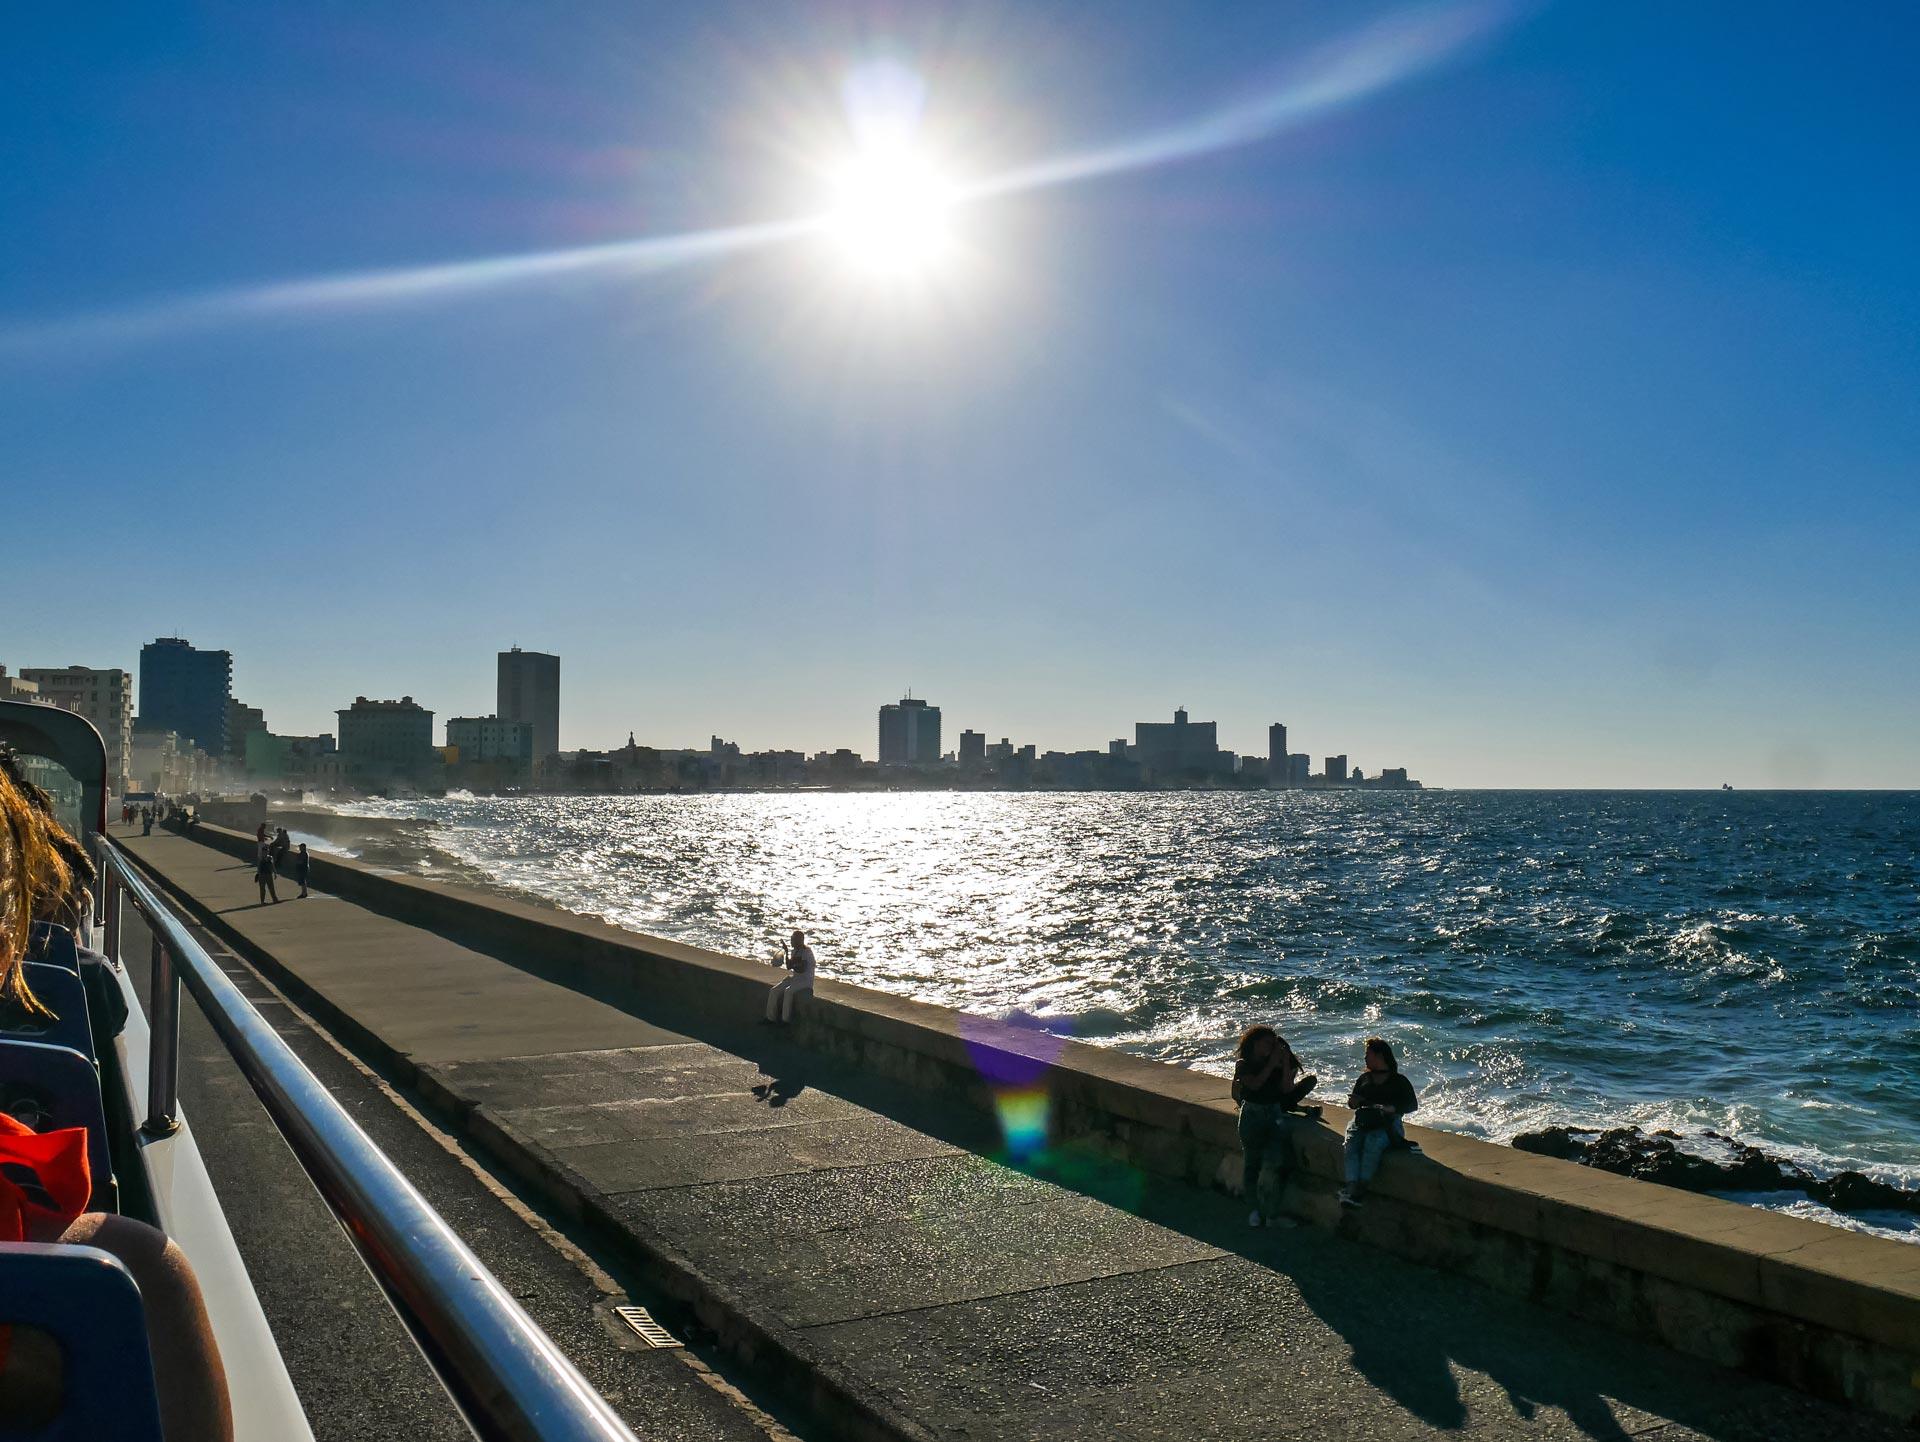 Havana skyline and coastline from bus tour on Malecón road, Cuba